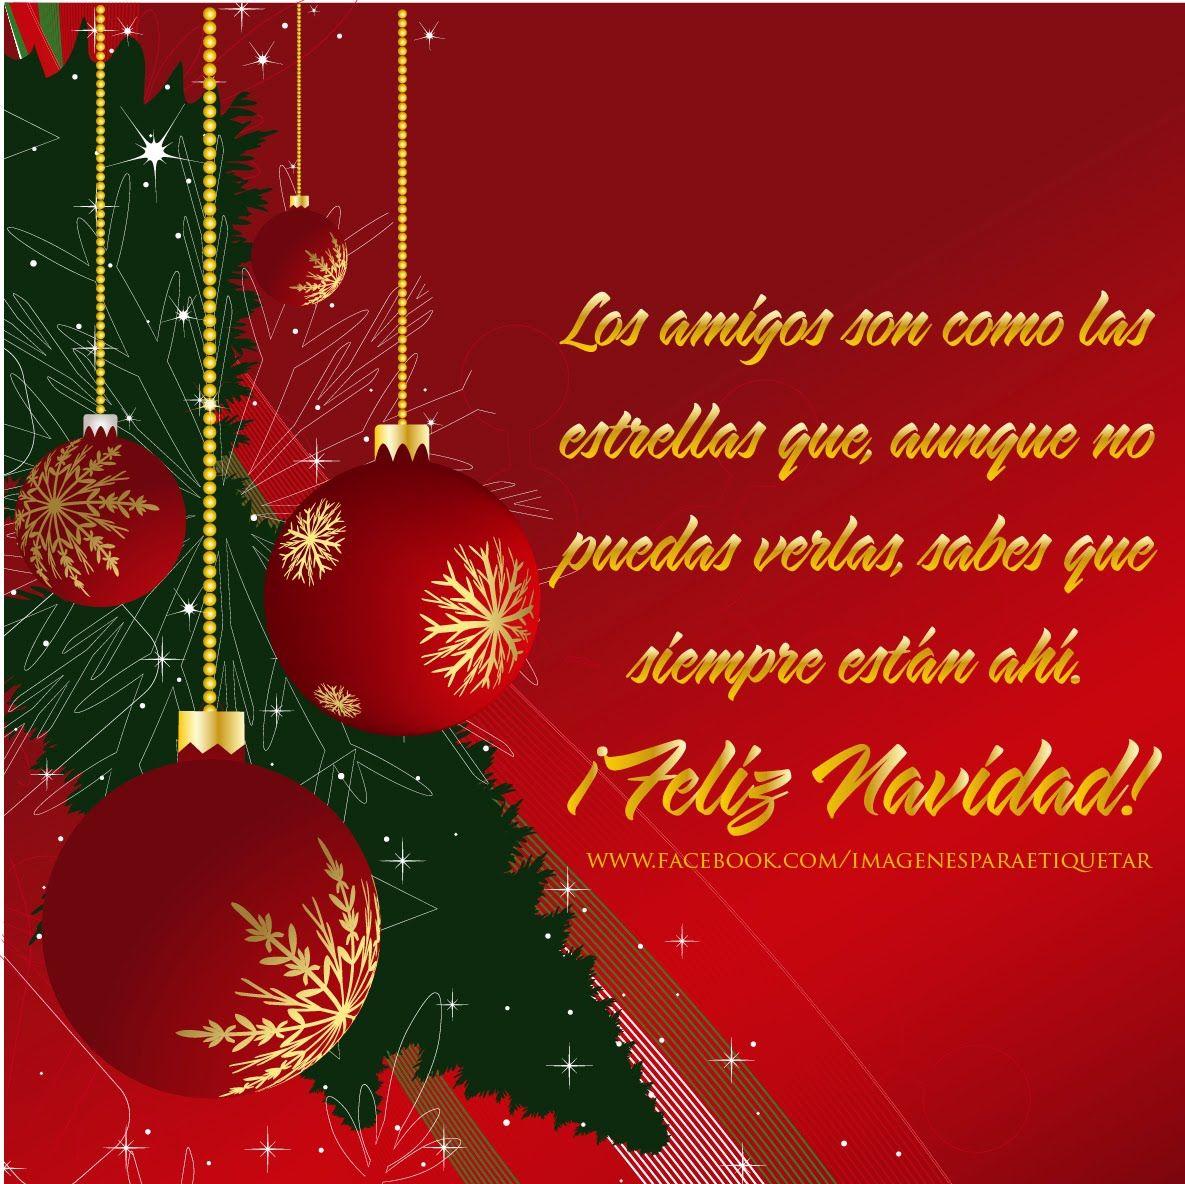 Fraces Reflexiones Mensajes Amor Amistad Recolectadas En La Red Www Salvadorrdz C Imagenes De Feliz Navidad Frases De Navidad Para Amigos Frases De Navidad